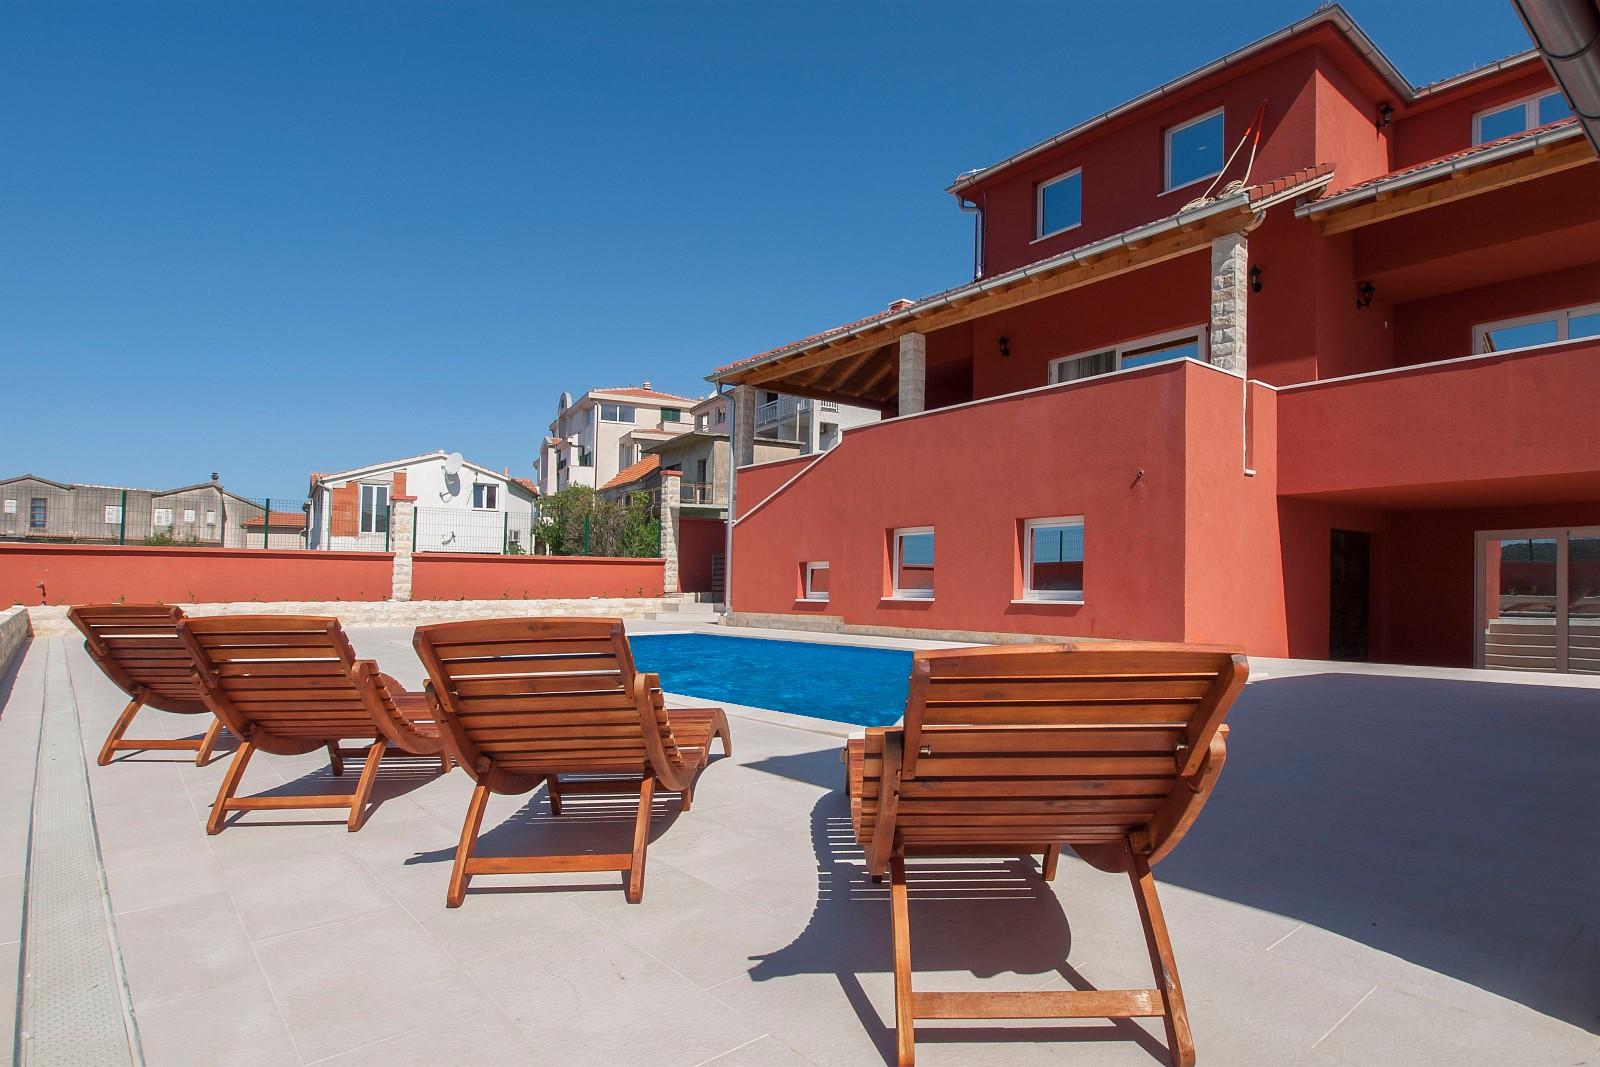 rikelig med solplasser rundt bassenget og på terrassene